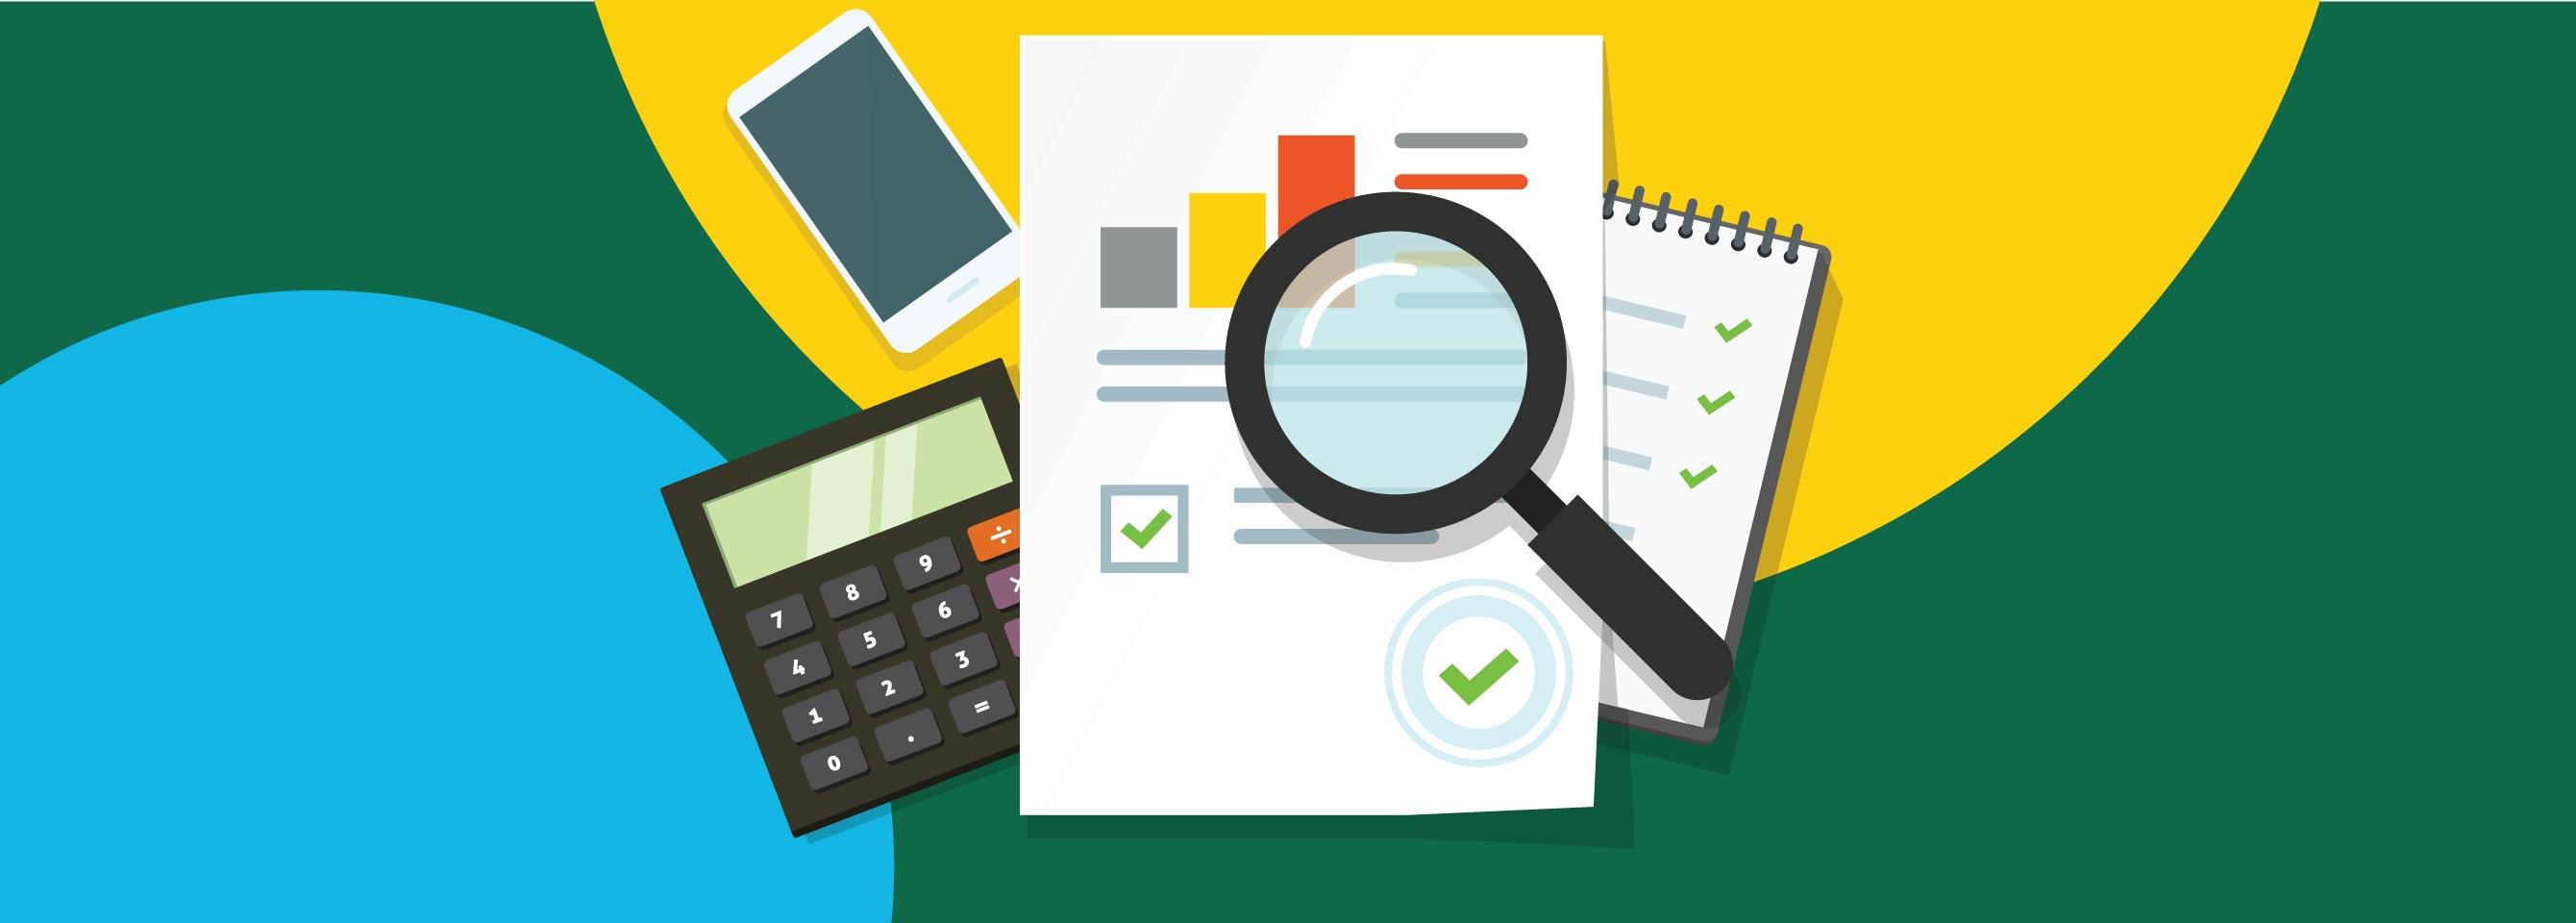 Savings Accounts Commerce Bank